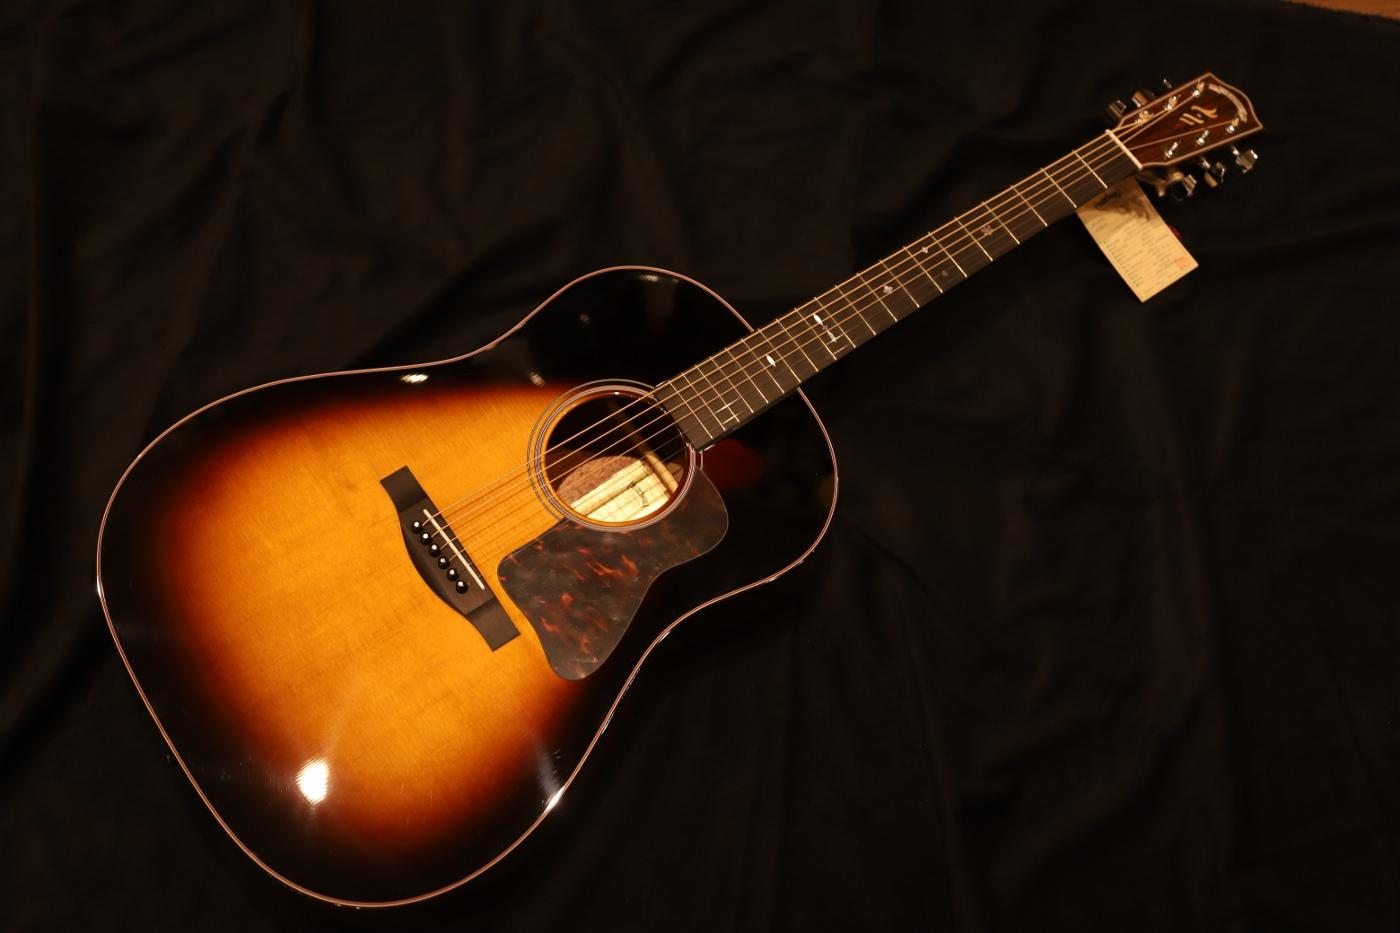 【展示品大特価】【送料無料】HEADWAY HJ-523/STD SB ヘッドウェイ アコースティックギター 【即納可能】